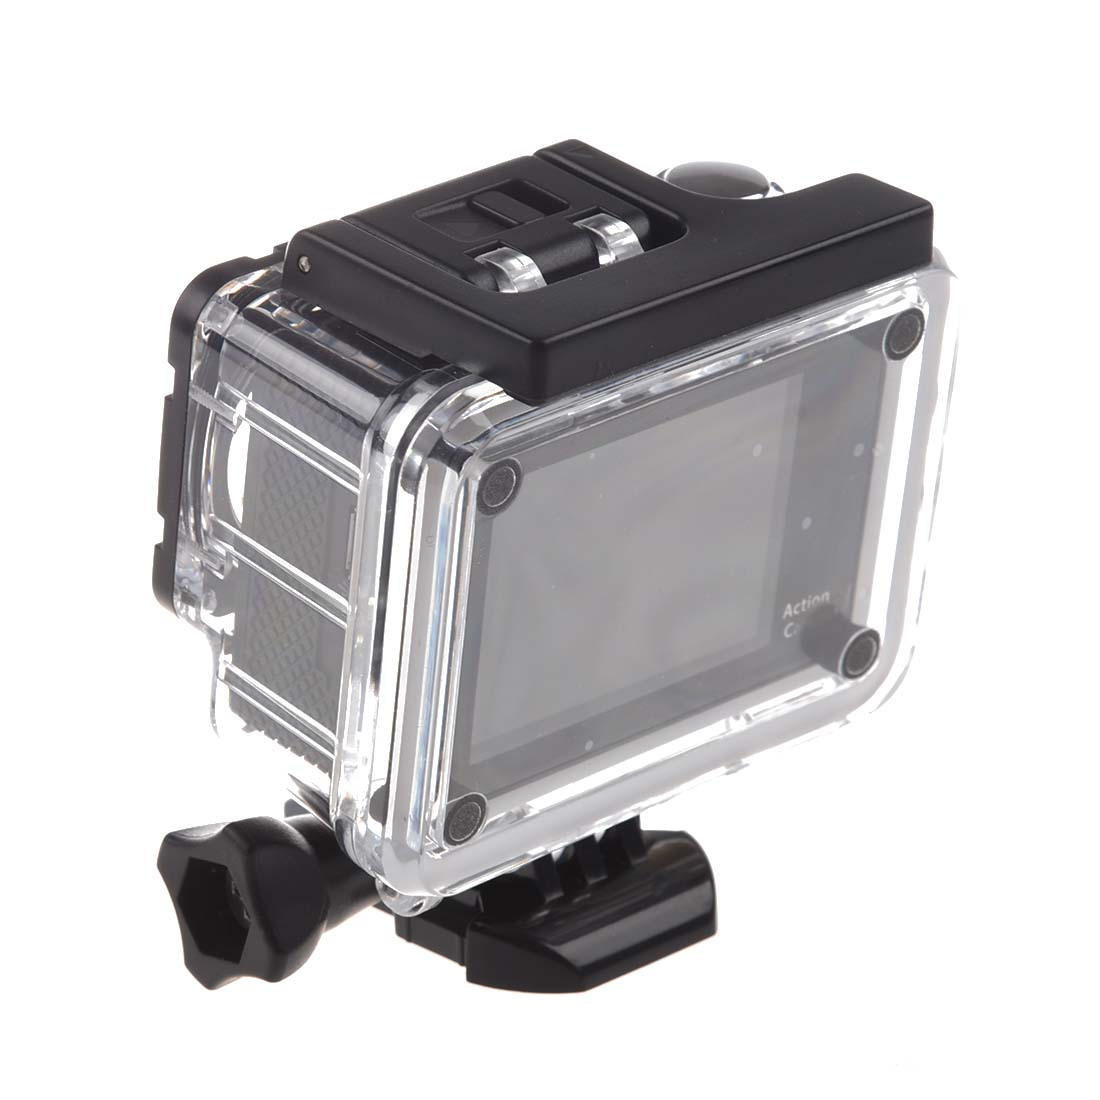 Действие Спорт Cam Камера Водонепроницаемый HD видео шлем Cam велосипед шлем Действие видеорегистратор Cam